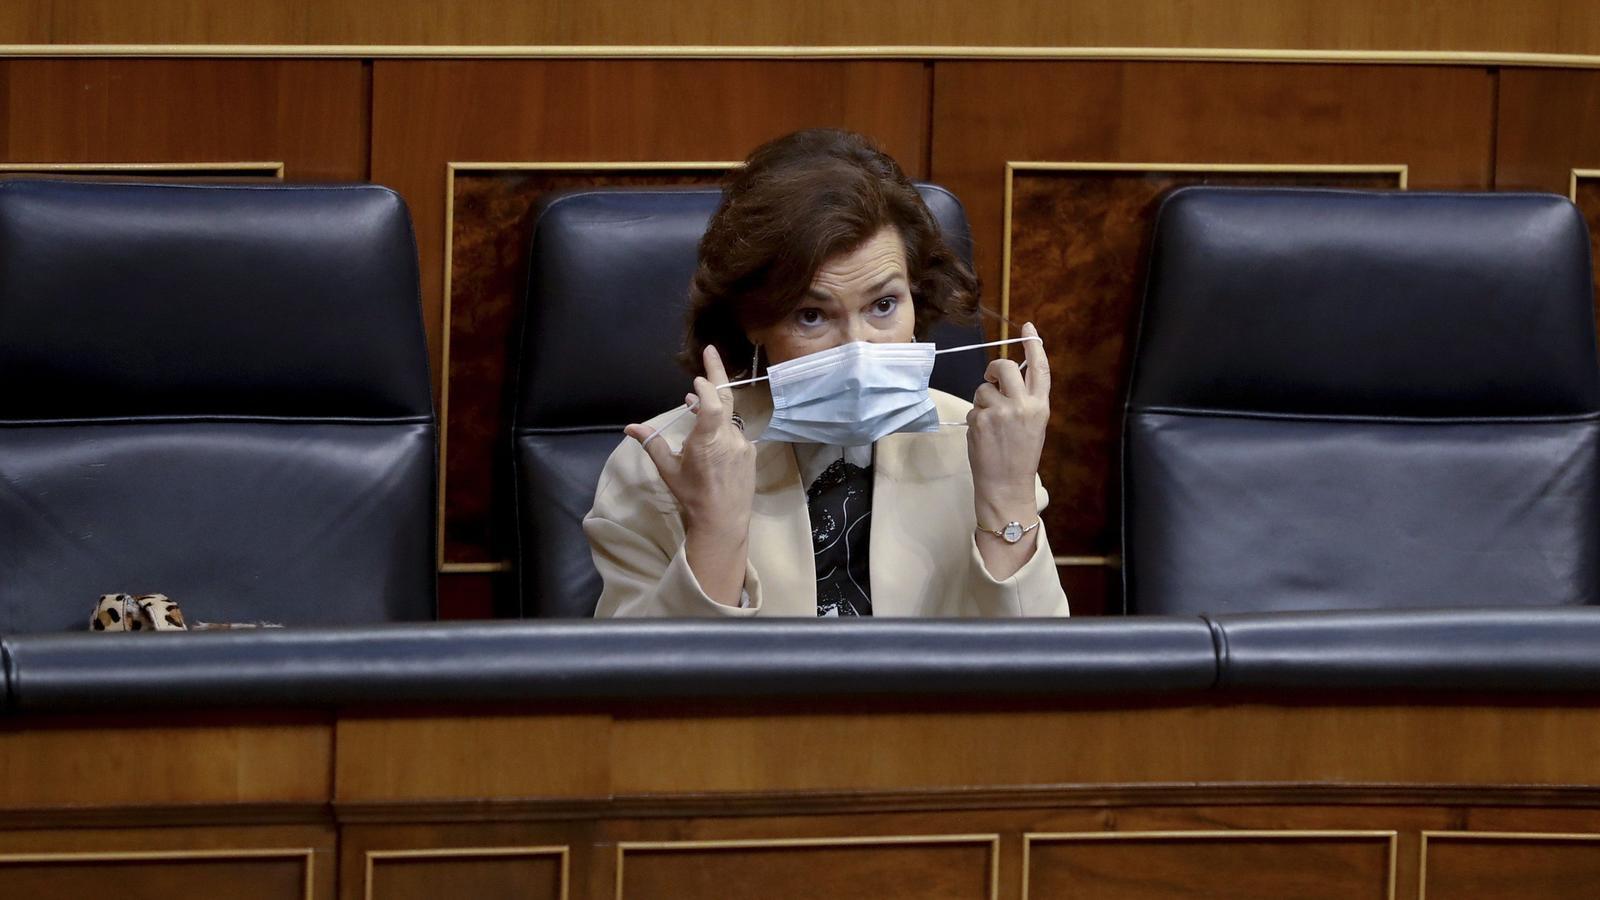 La vicepresidenta del govern espanyol, Carmen Calvo, el 20 de maig a l'hemicicle del Congrés dels Diputats